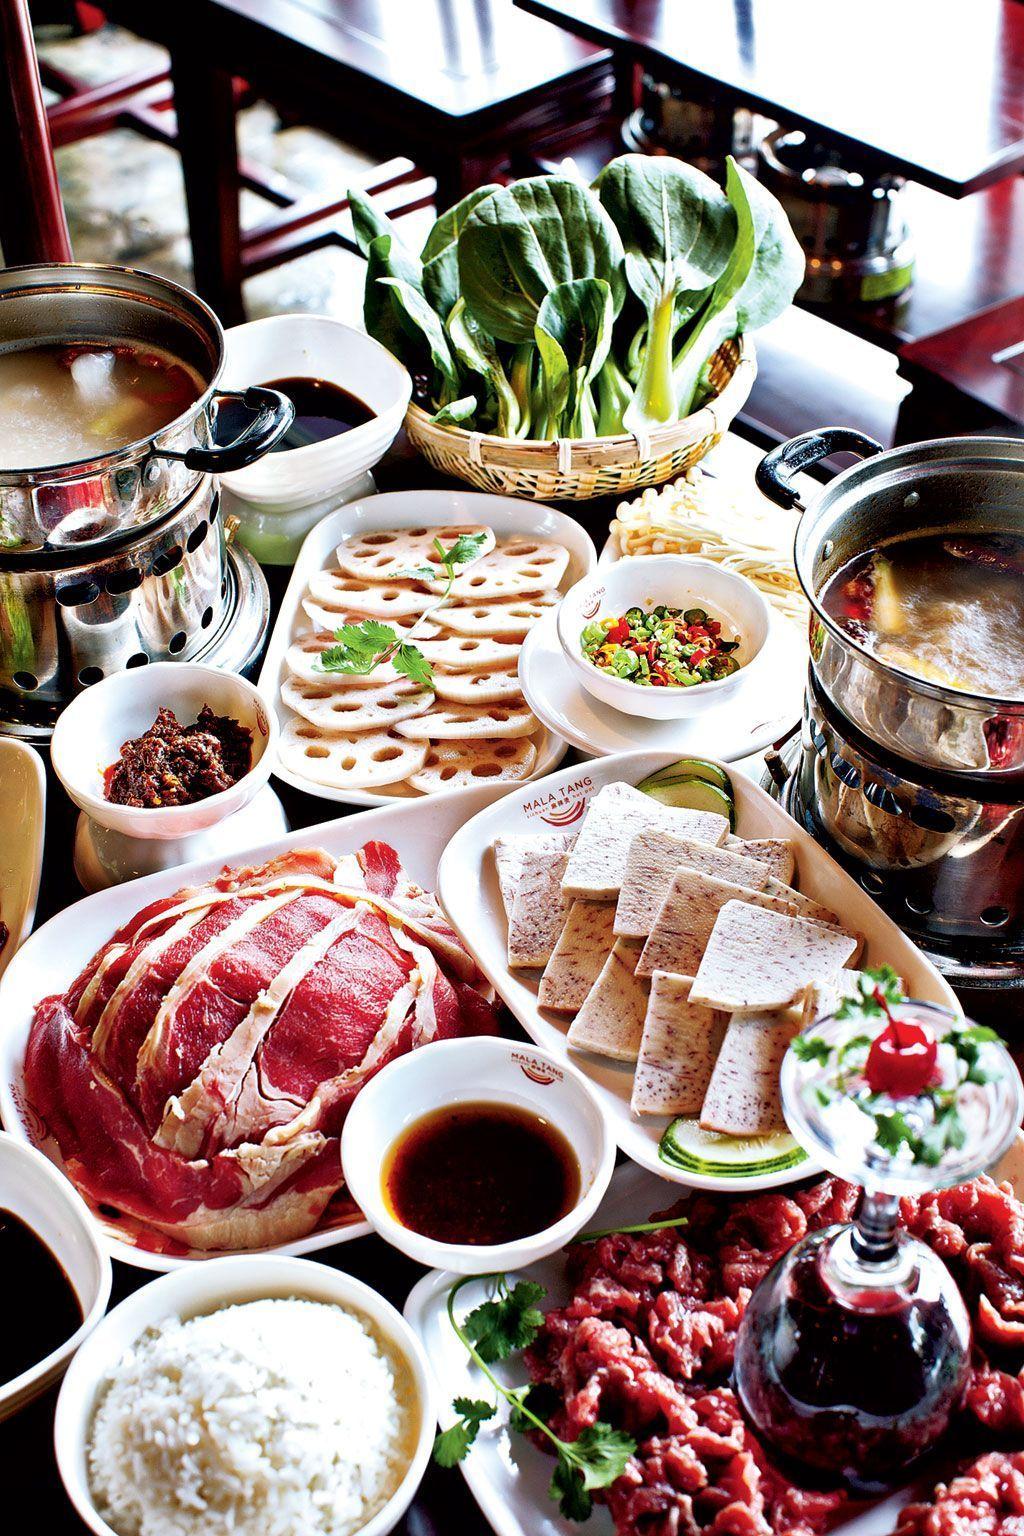 Restaurants Large Groups Szechuan Hot Pot At Mala Tang Photograph By Scott Suchman